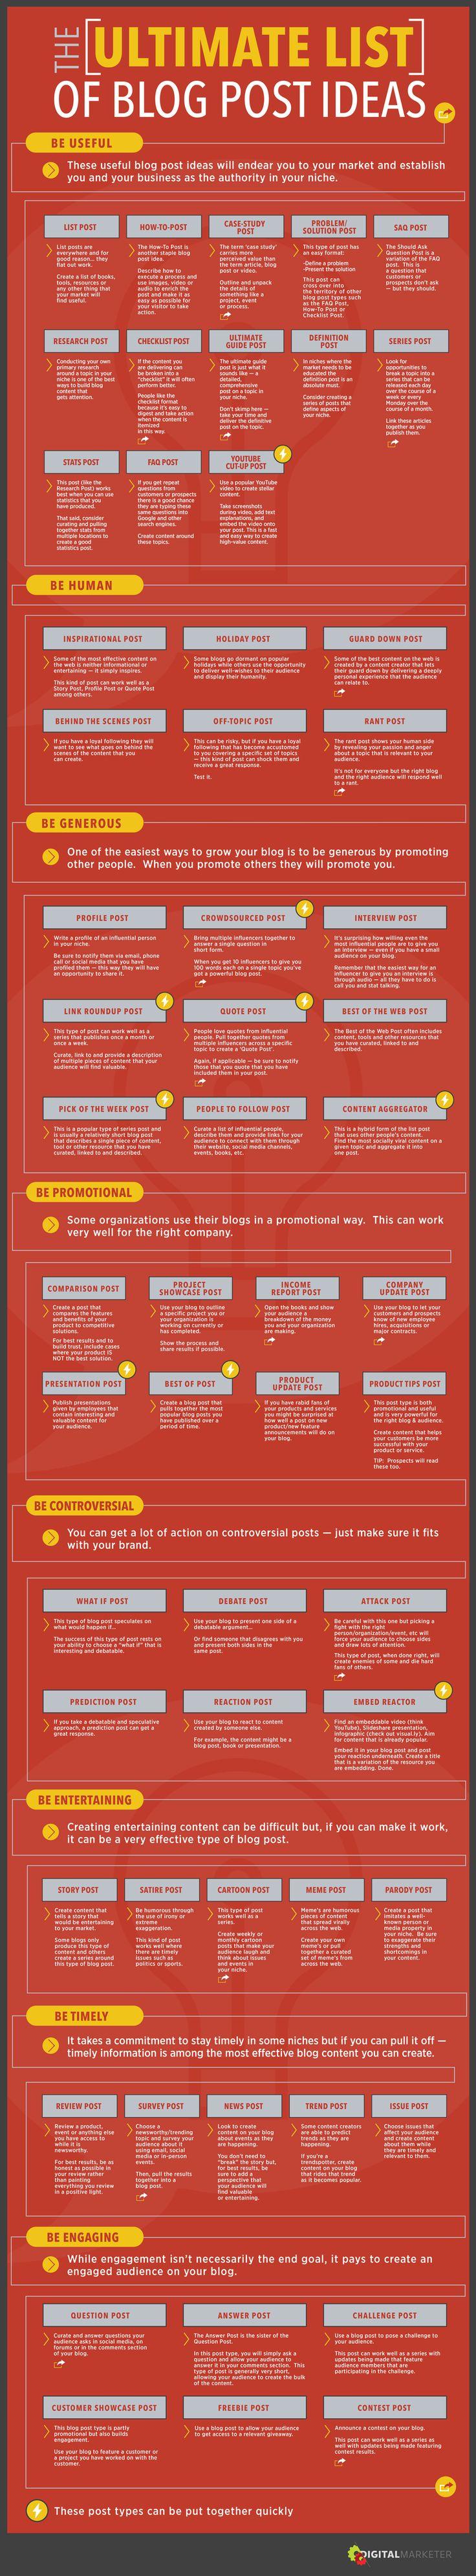 In un'infografica 58 idee per scrivere contenuti utili e virali